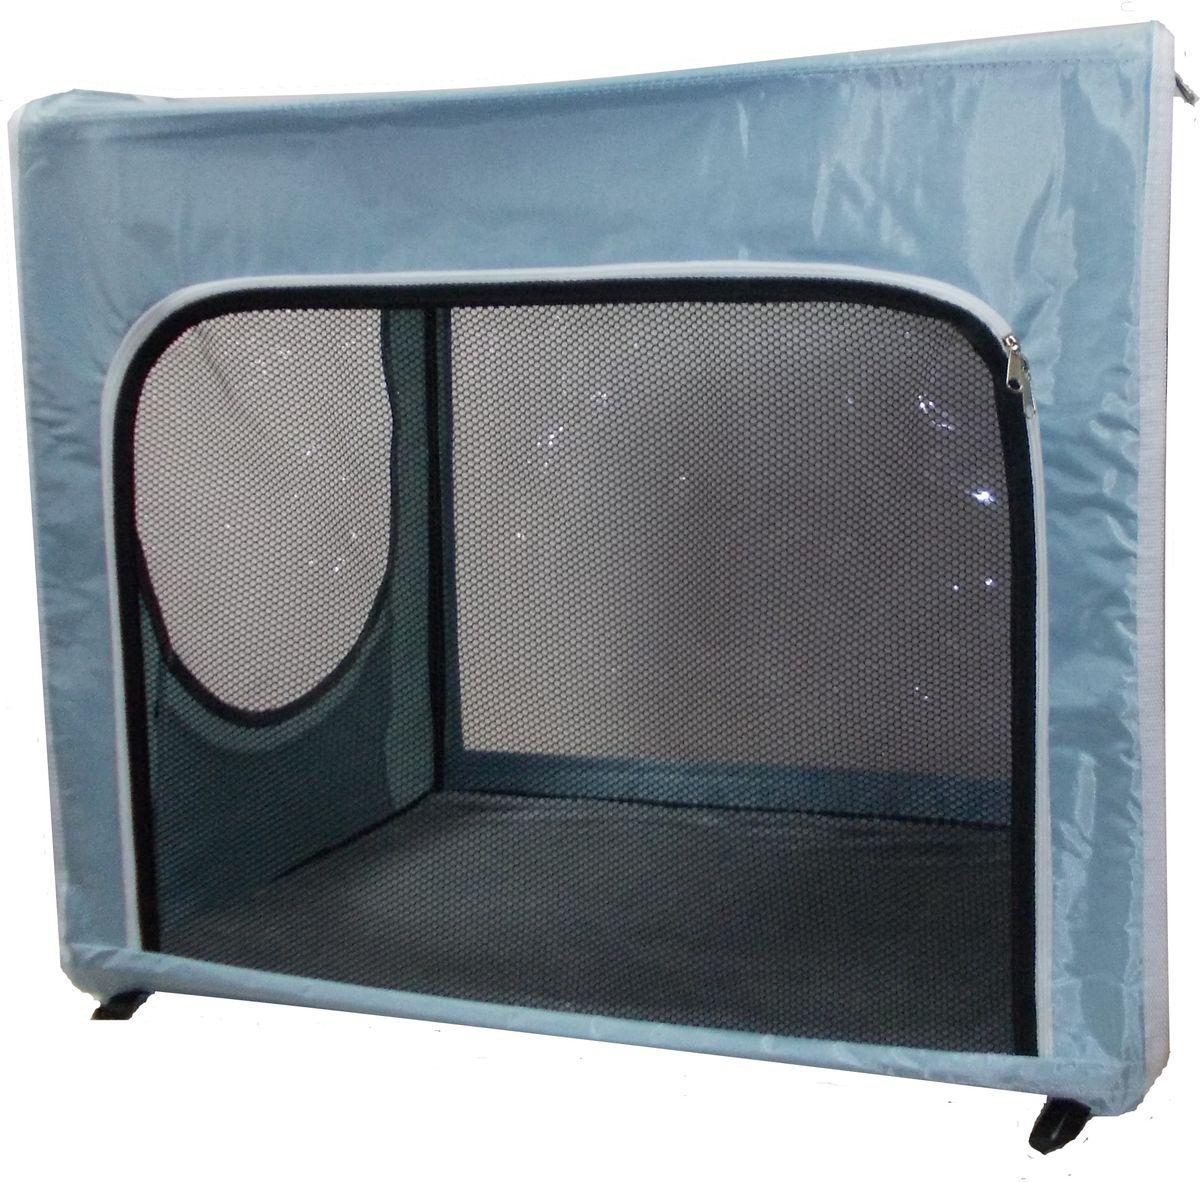 Клетка для животных  Заря-Плюс , выставочная, цвет: голубой, 75 х 60 х 50 см. КТВ2/1 - Клетки, вольеры, будки